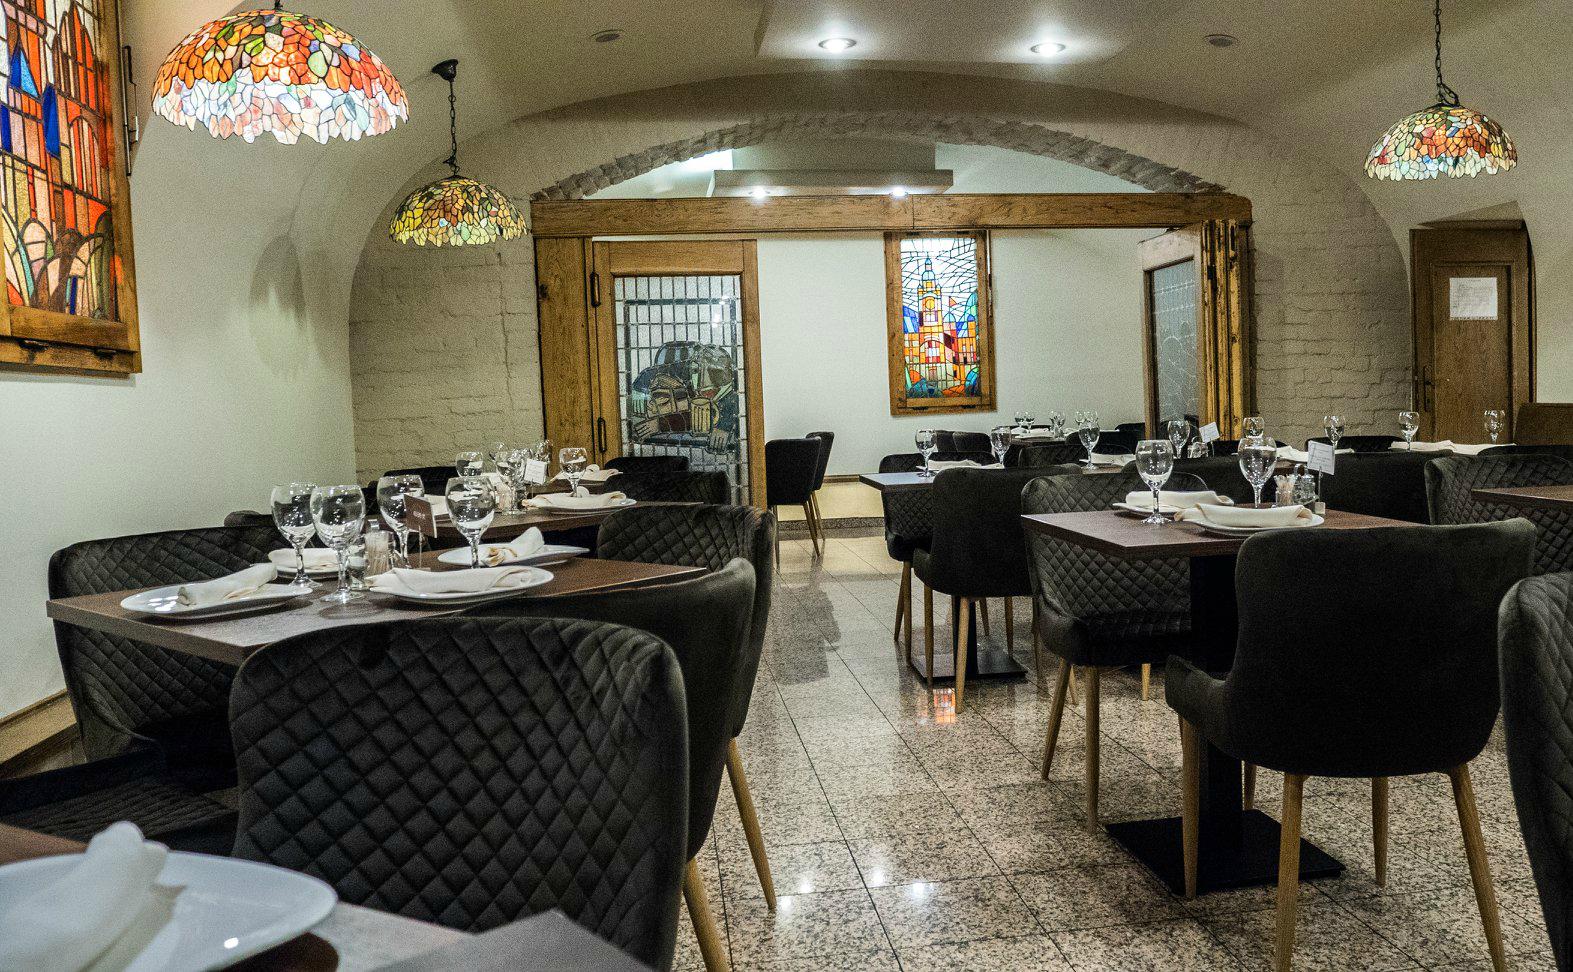 מסעדות כשרות בבודפשט - מסעדת כרמל ברובע היהודי